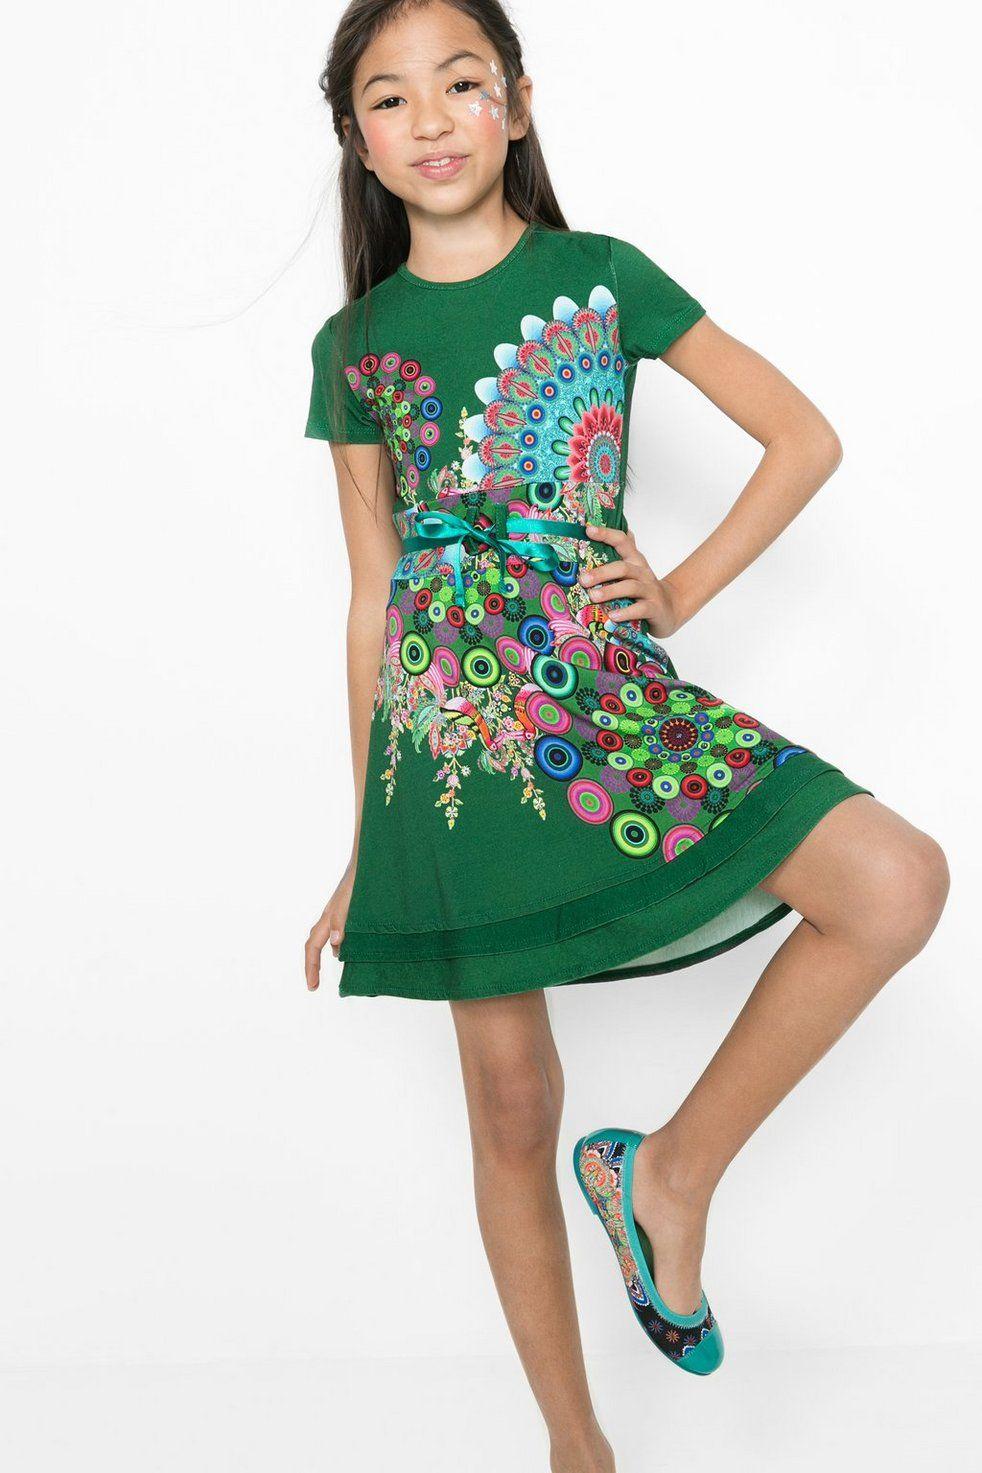 69fdddaaa46 Vestido verde para niña | Desigual.com | Miranda | Vestidos, Vestido ...